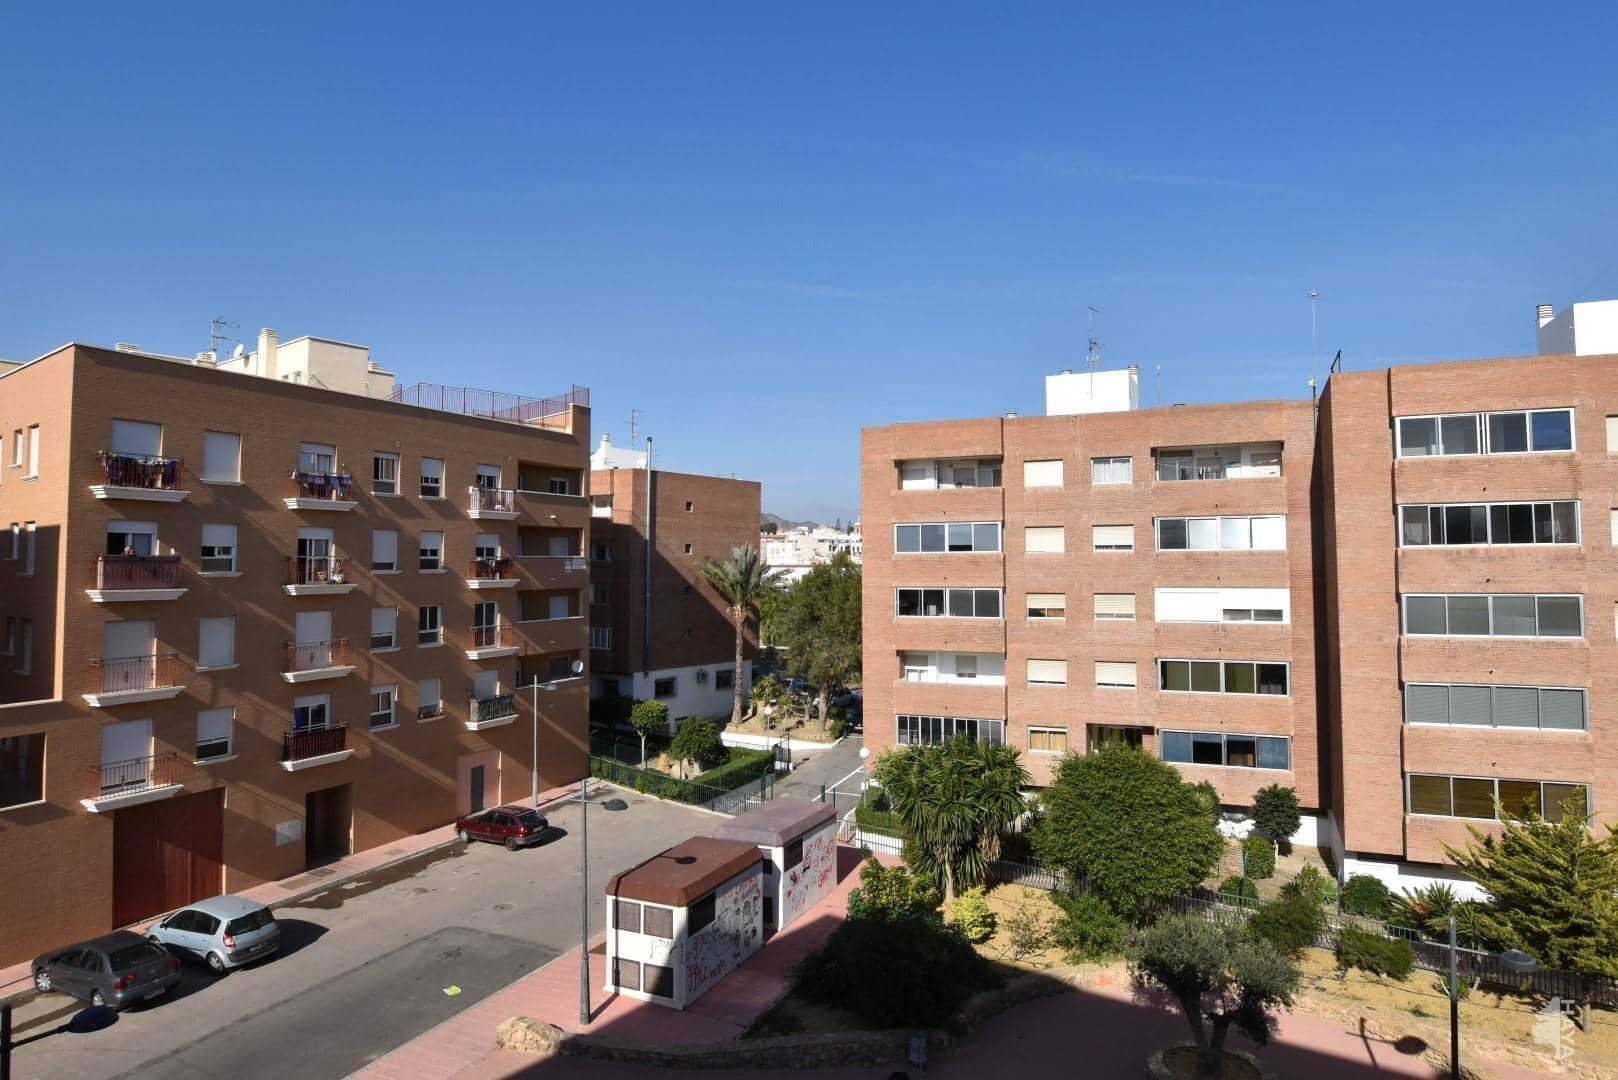 Piso en venta en Cuevas del Almanzora, Almería, Calle Azud (el), 59.000 €, 3 habitaciones, 2 baños, 81 m2